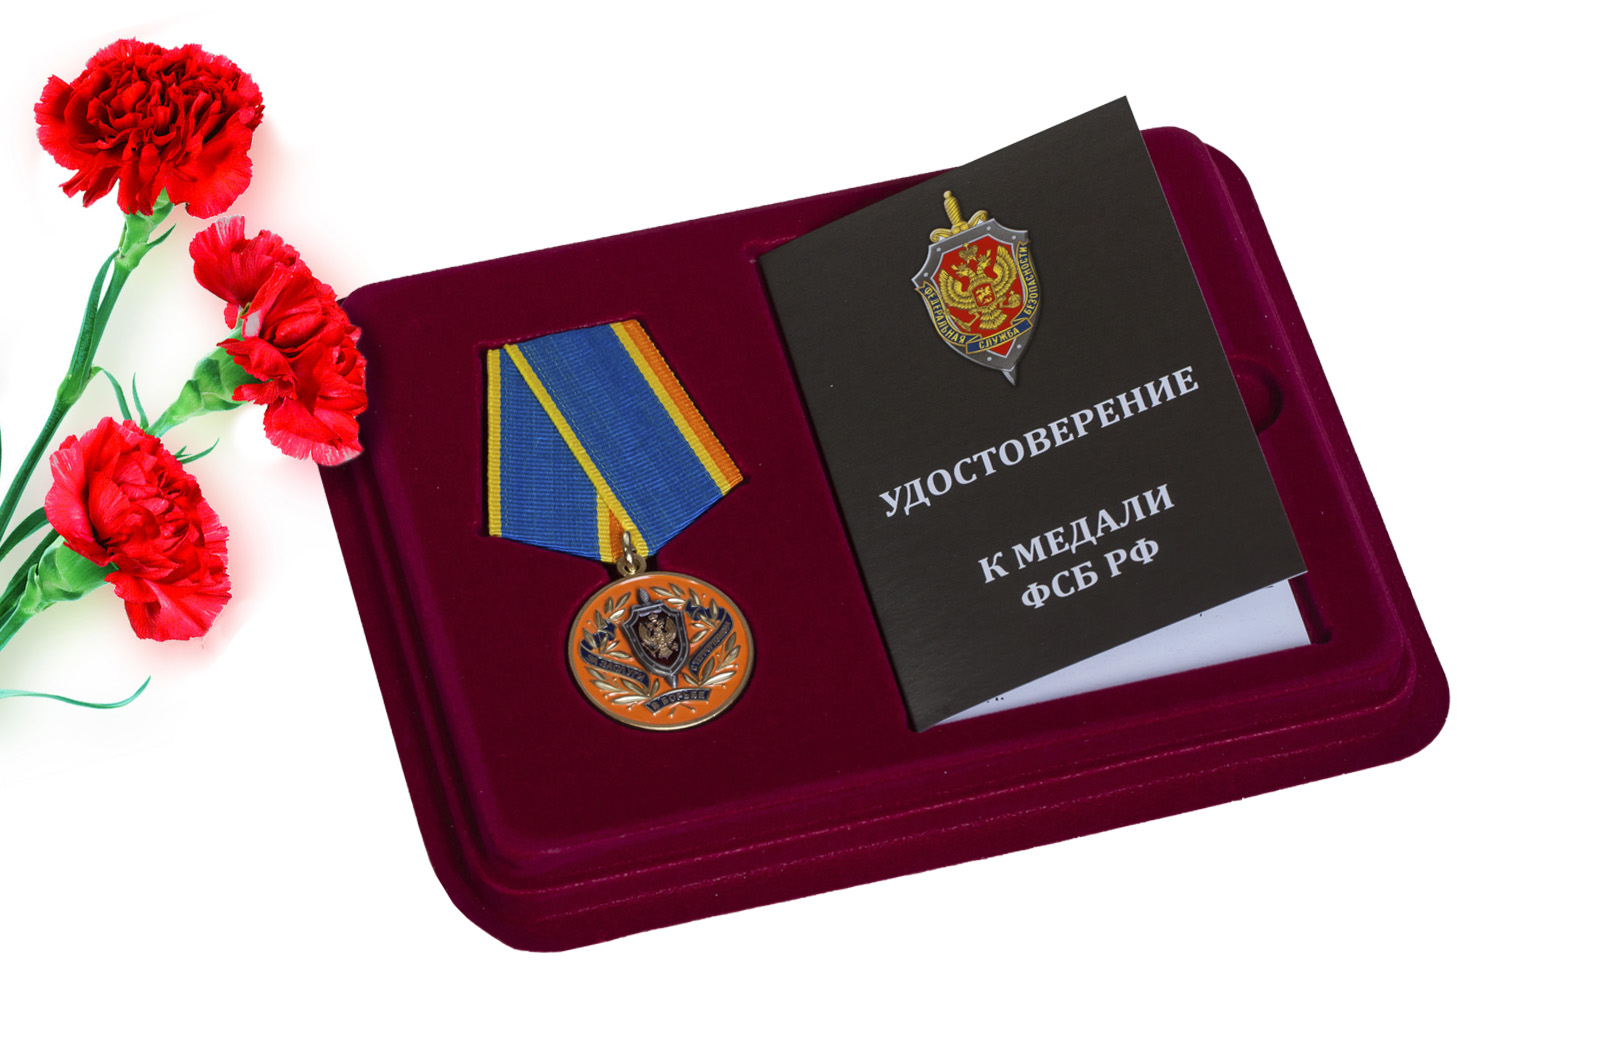 Купить медаль ФСБ России За заслуги в борьбе с терроризмом в подарок мужу